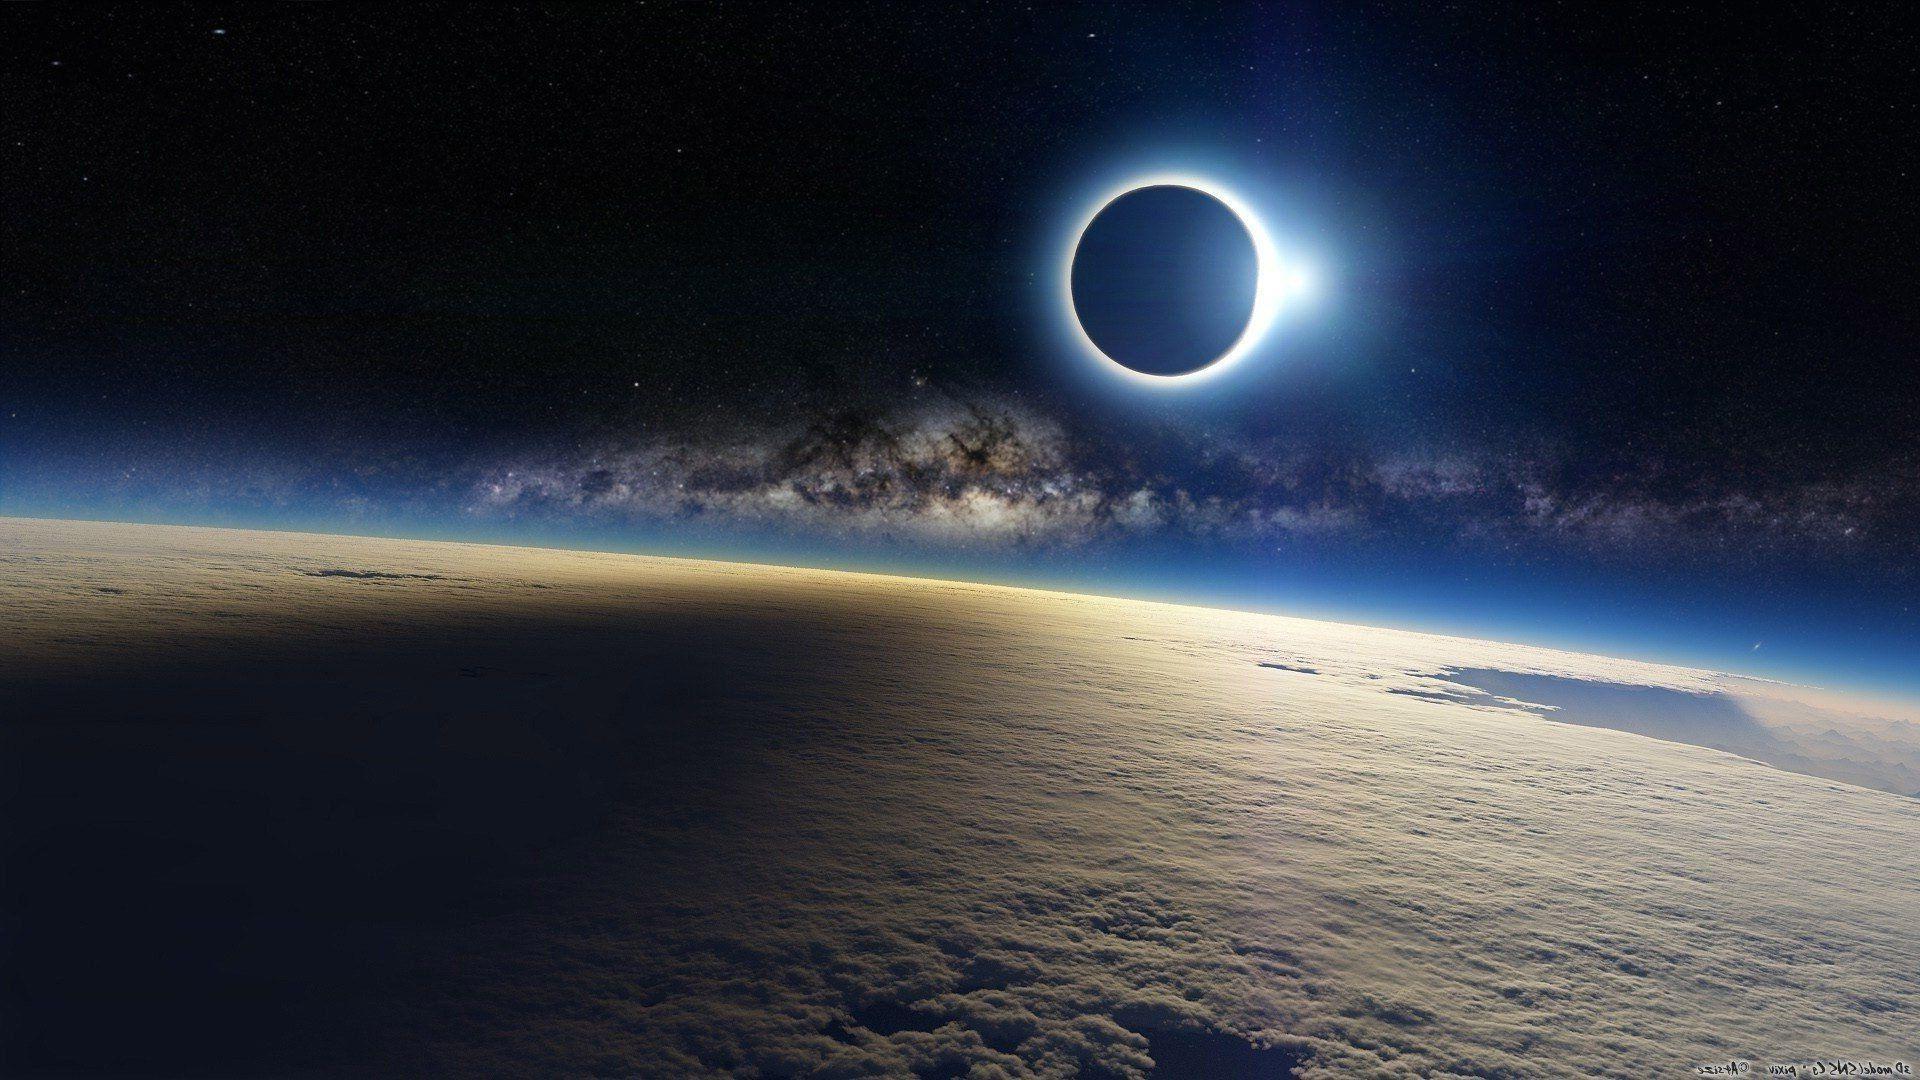 Partial Solar Eclipse NASA wallpaper. 1920×1080